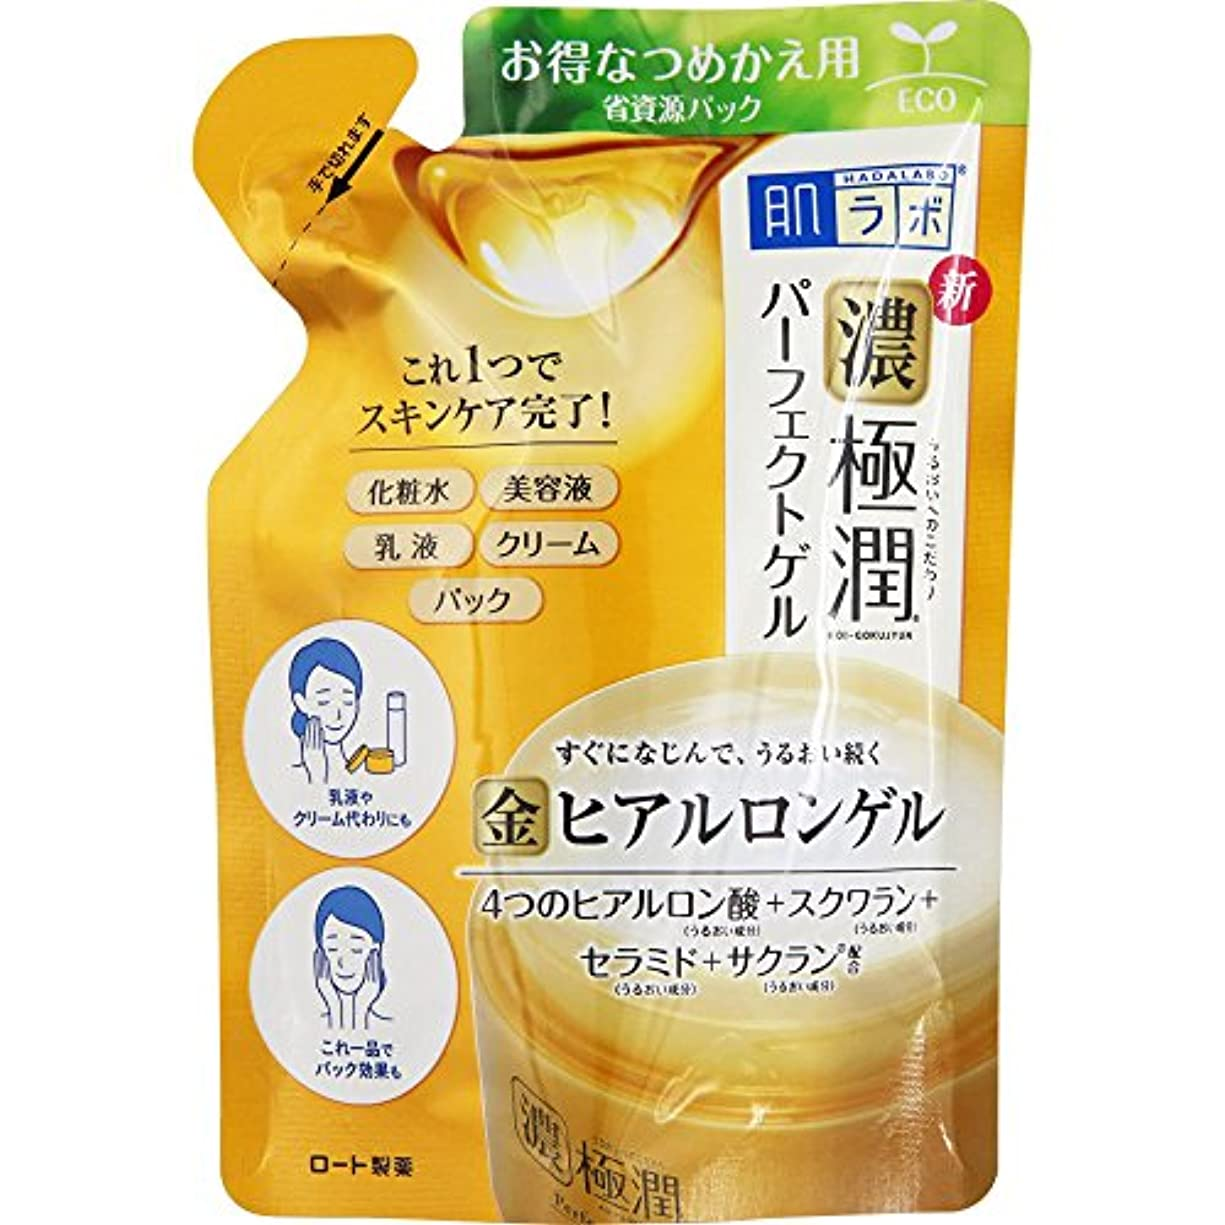 ホールド怠感経度肌ラボ 濃い極潤 オールインワン パーフェクトゲル 4つのヒアルロン酸×スクワラン×セラミド×サクラン配合 詰替用 80g